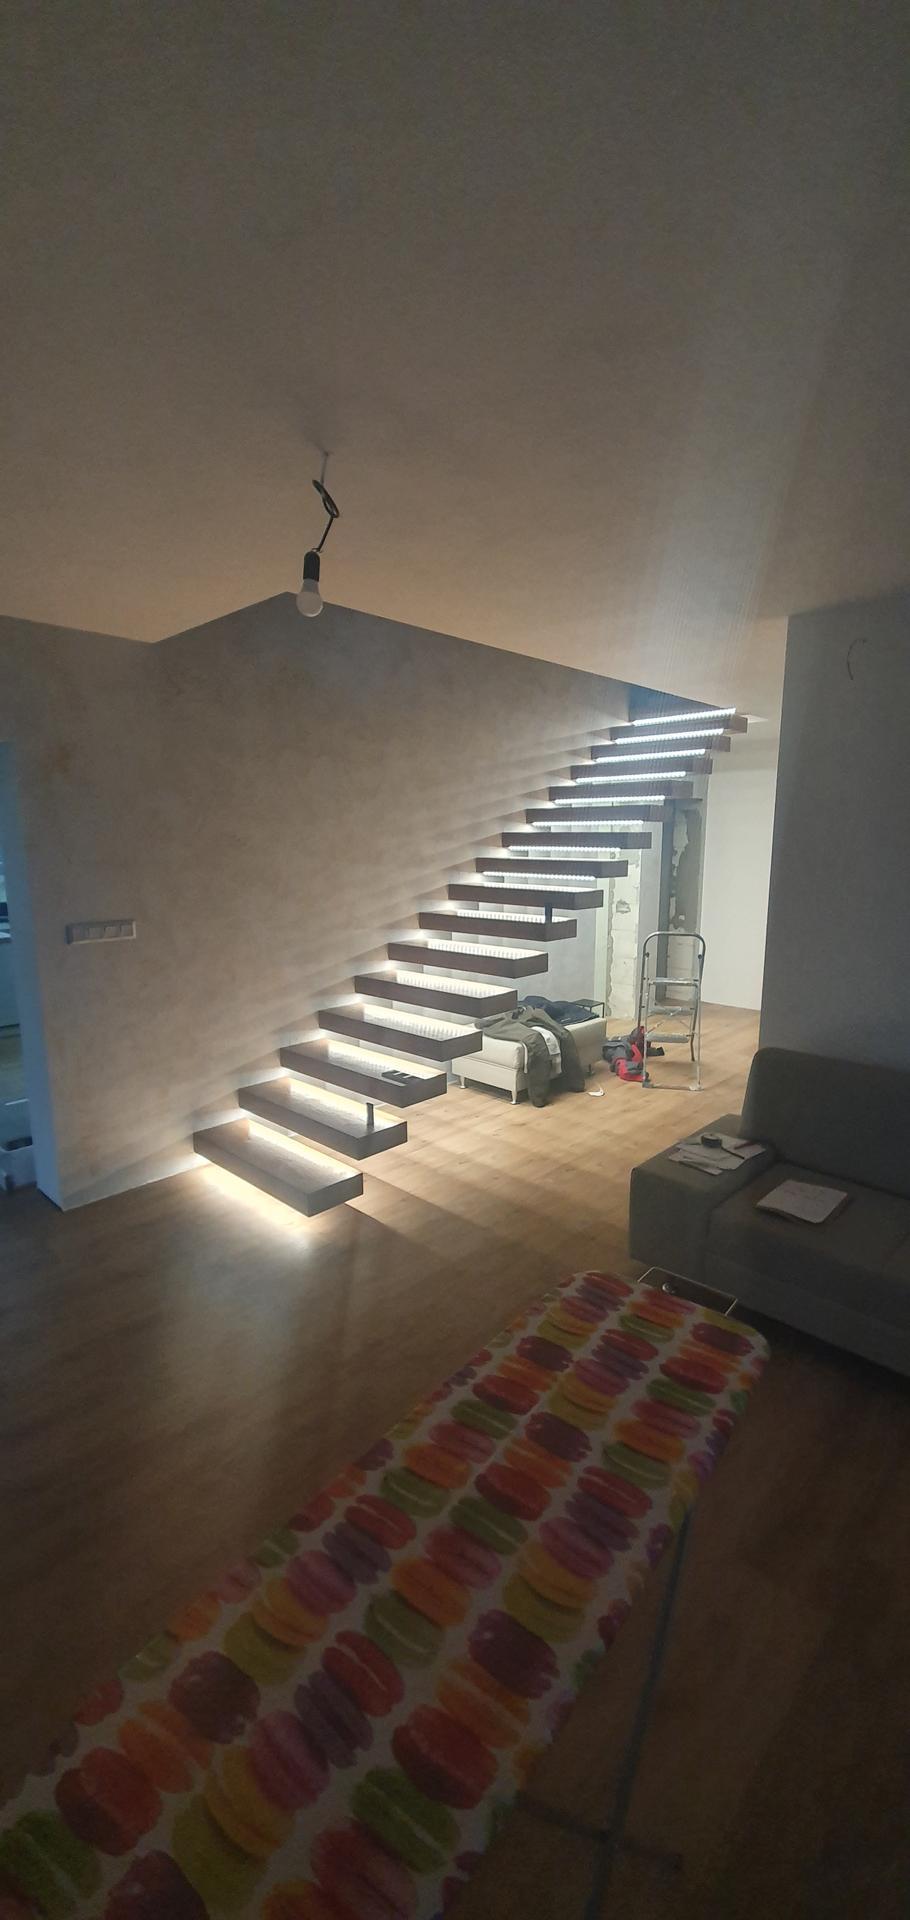 Konzolove schodisko (samonosne schody) - Obrázok č. 42